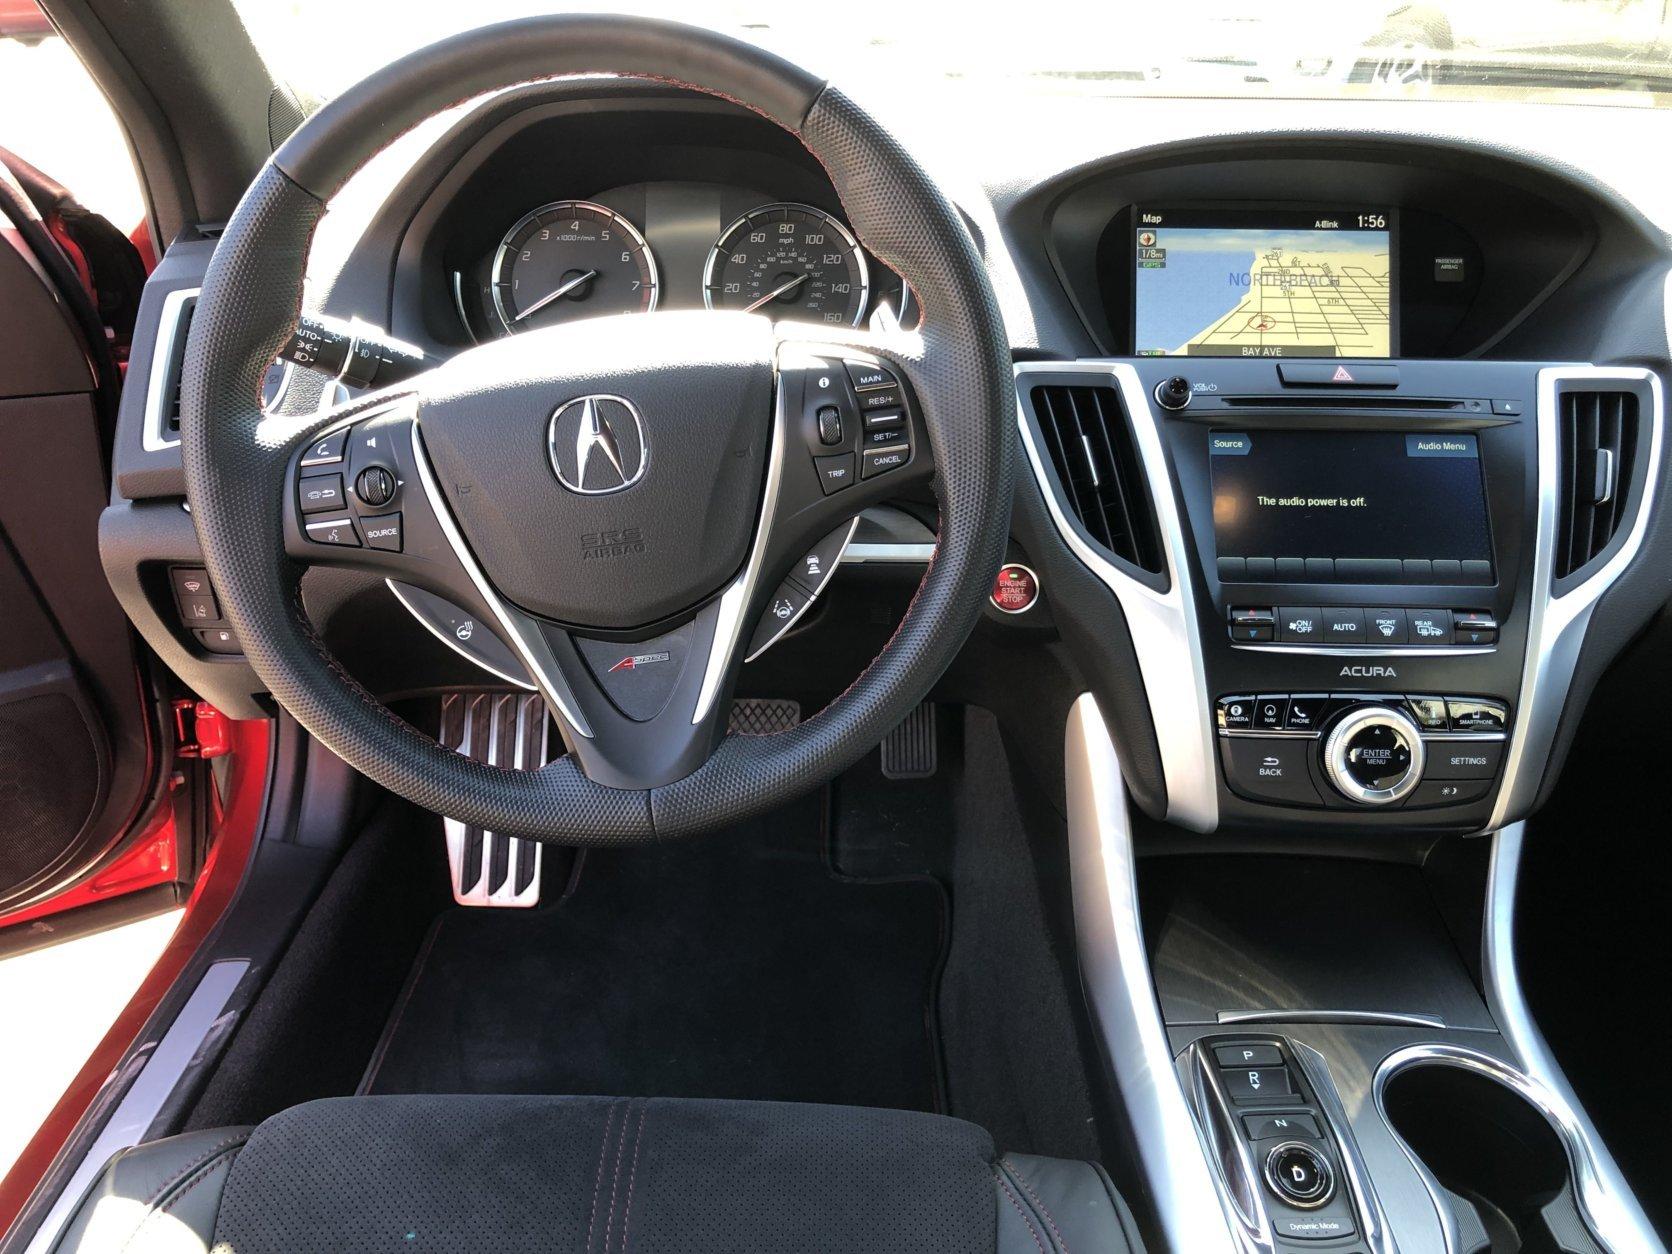 Acura TLX PMC interior